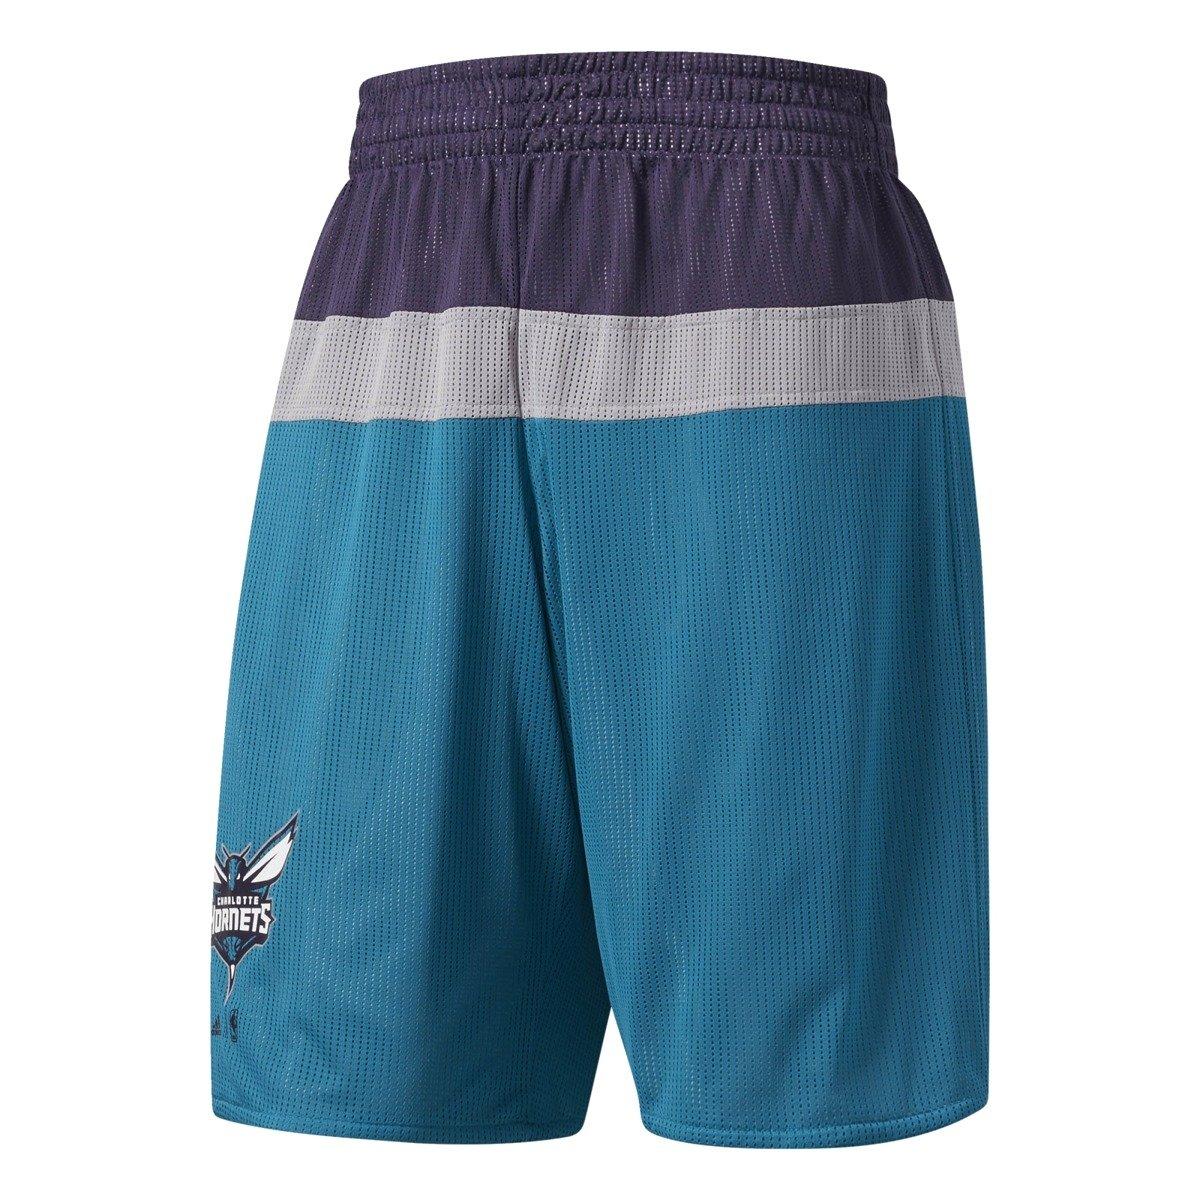 timeless design 8b9ce 34fde ... Adidas NBA Charlotte Hornets Short de basket - BR2242 ...